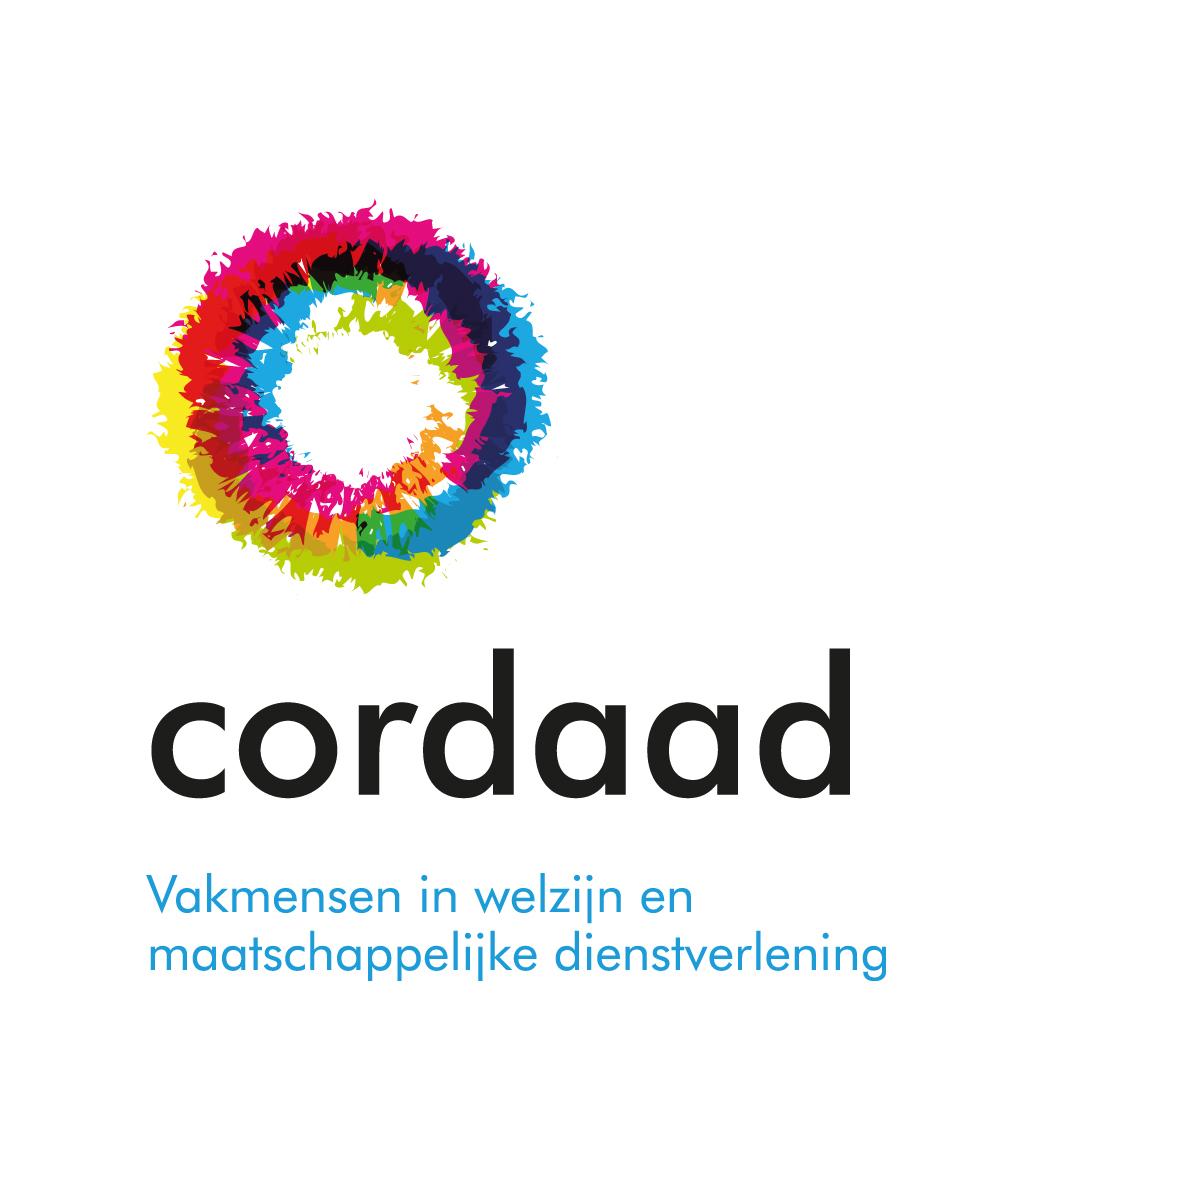 CORDAAD_LOGO_2016.jpg